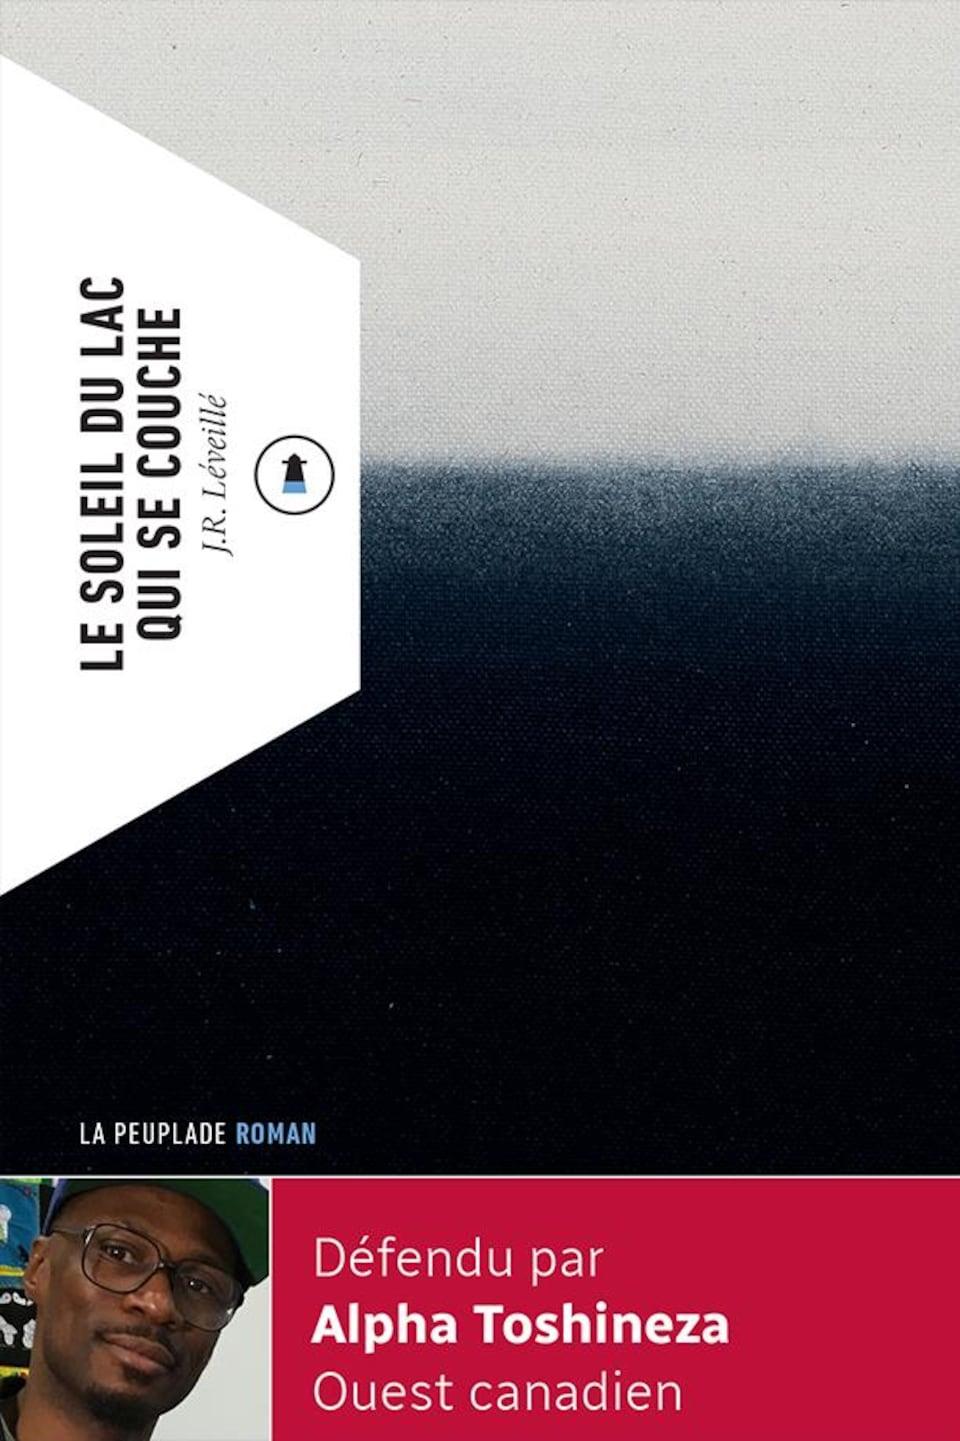 La couverture du livre est séparée en deux horizontalement, couleur sombre en bas et claire en haut.